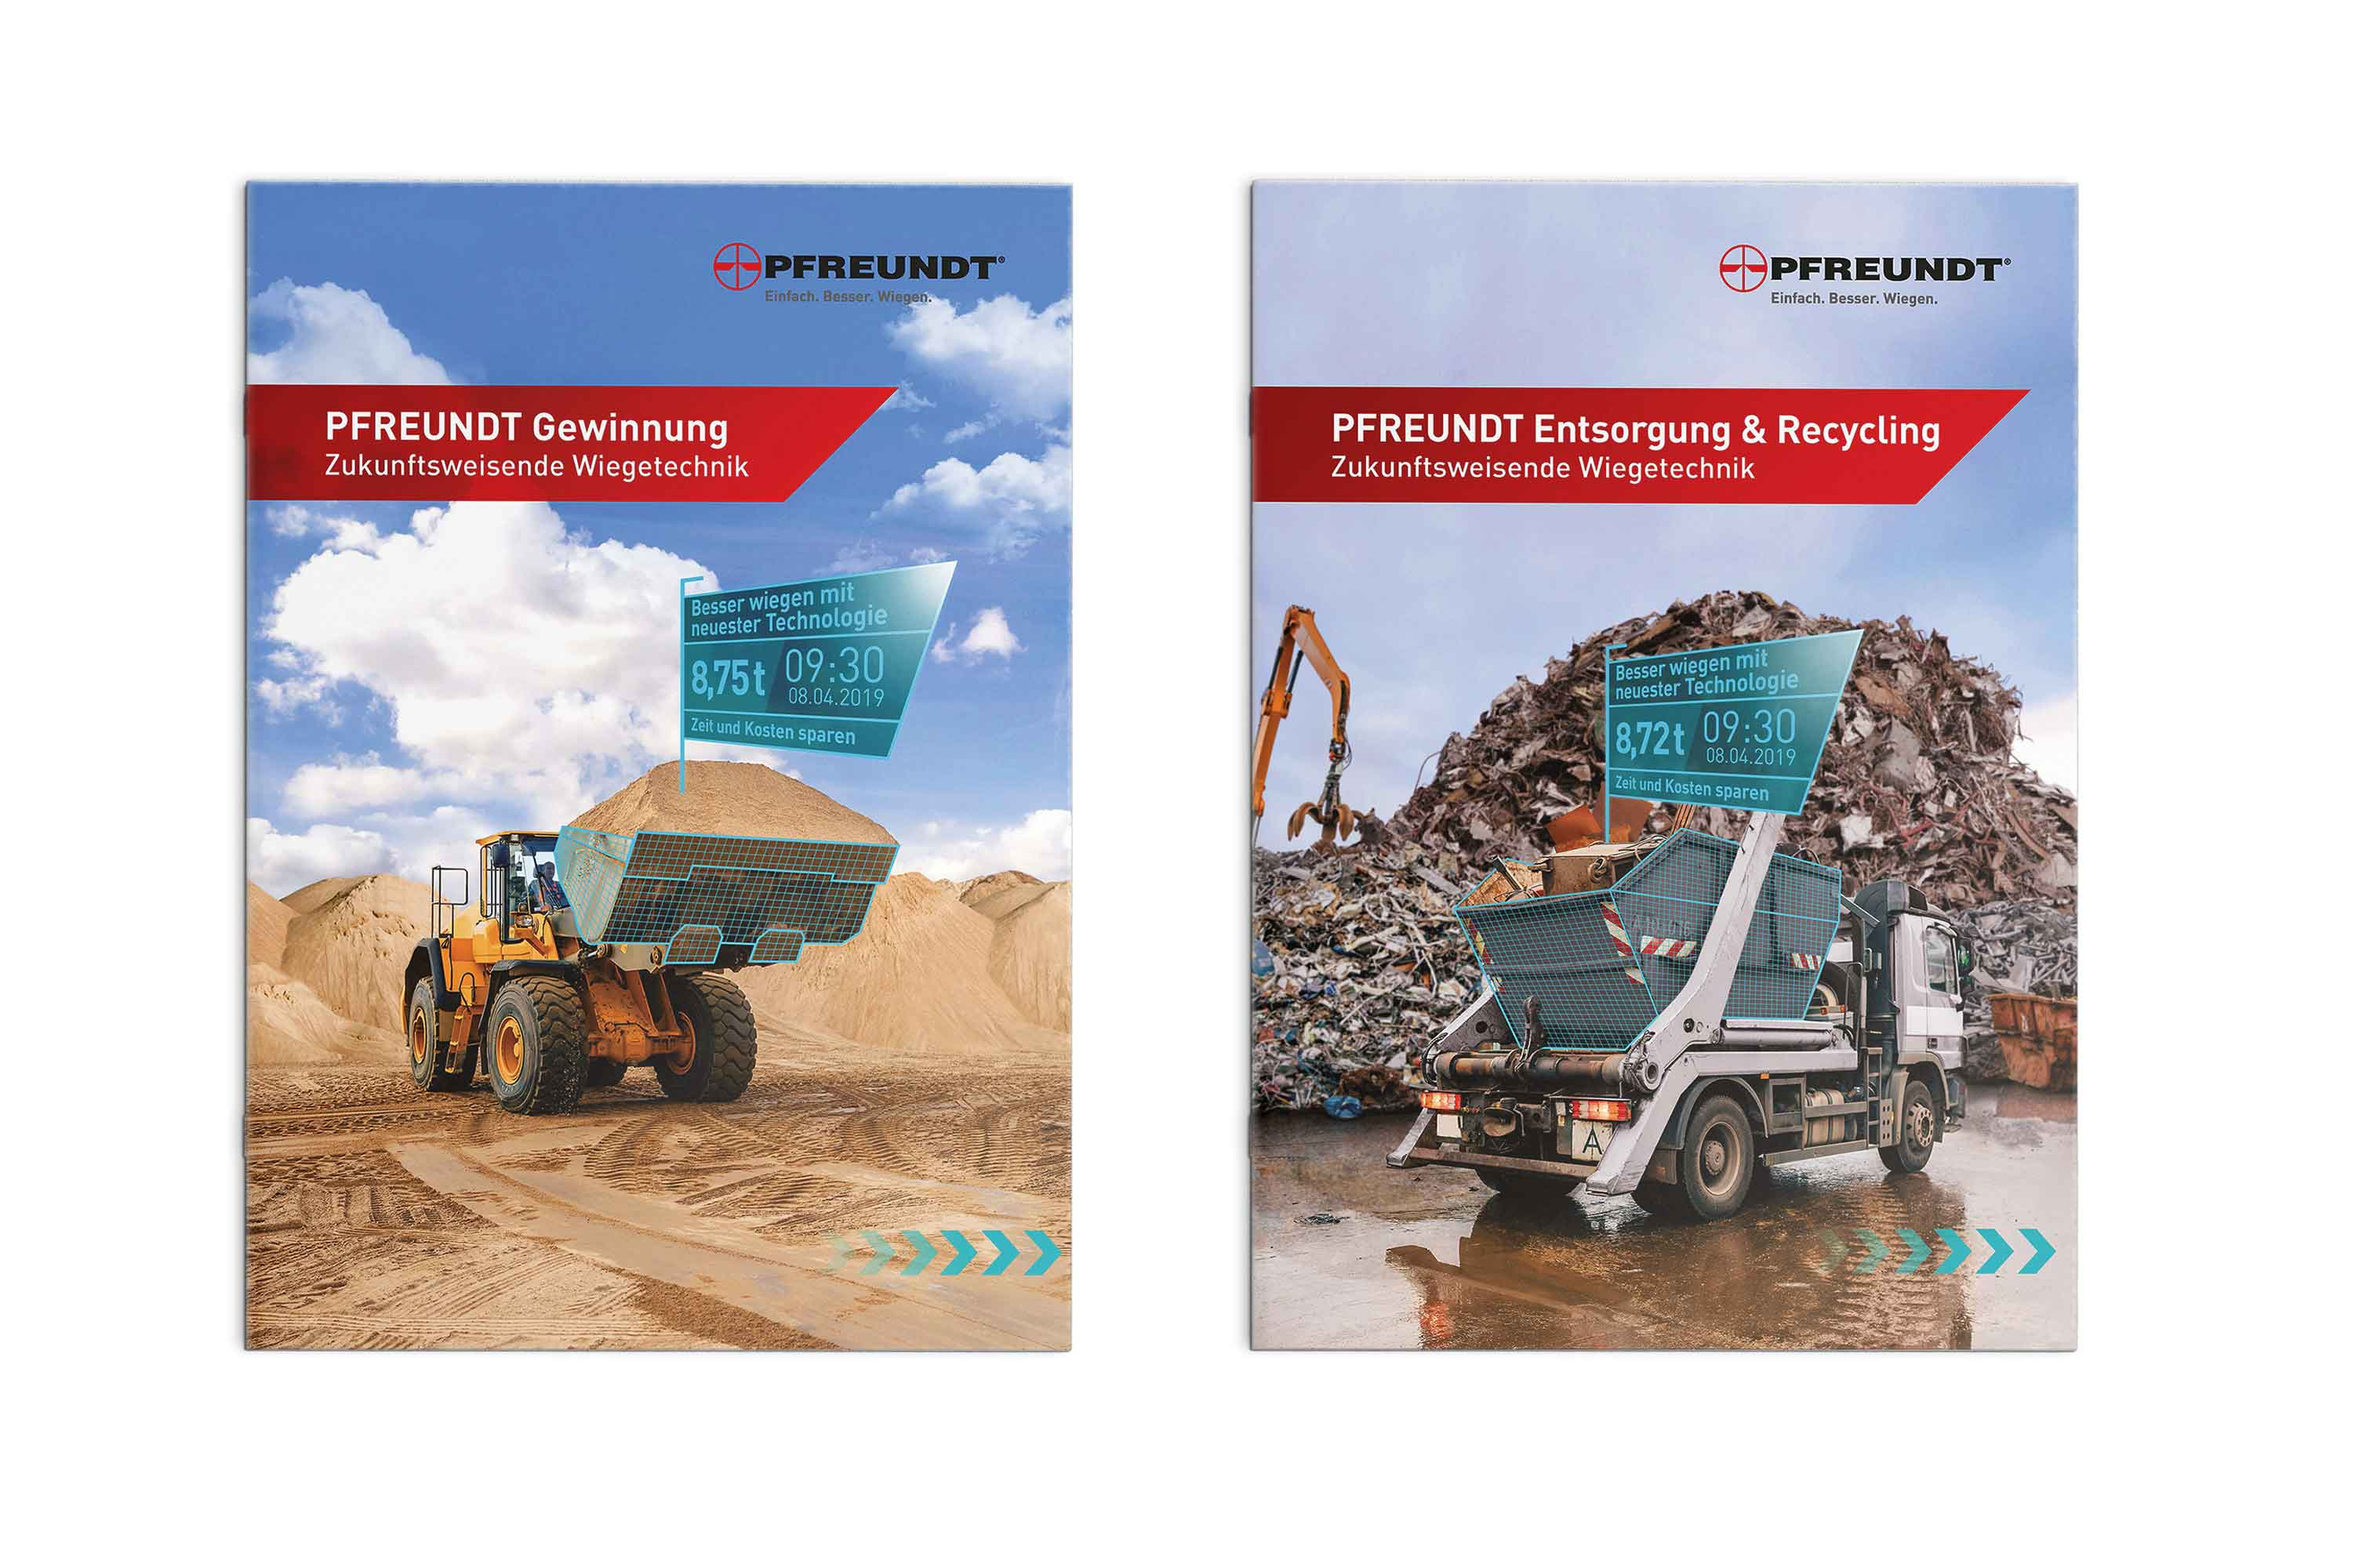 PFREUNDT Broschüren Titel Gewinnung und Entsorgung & Recycling